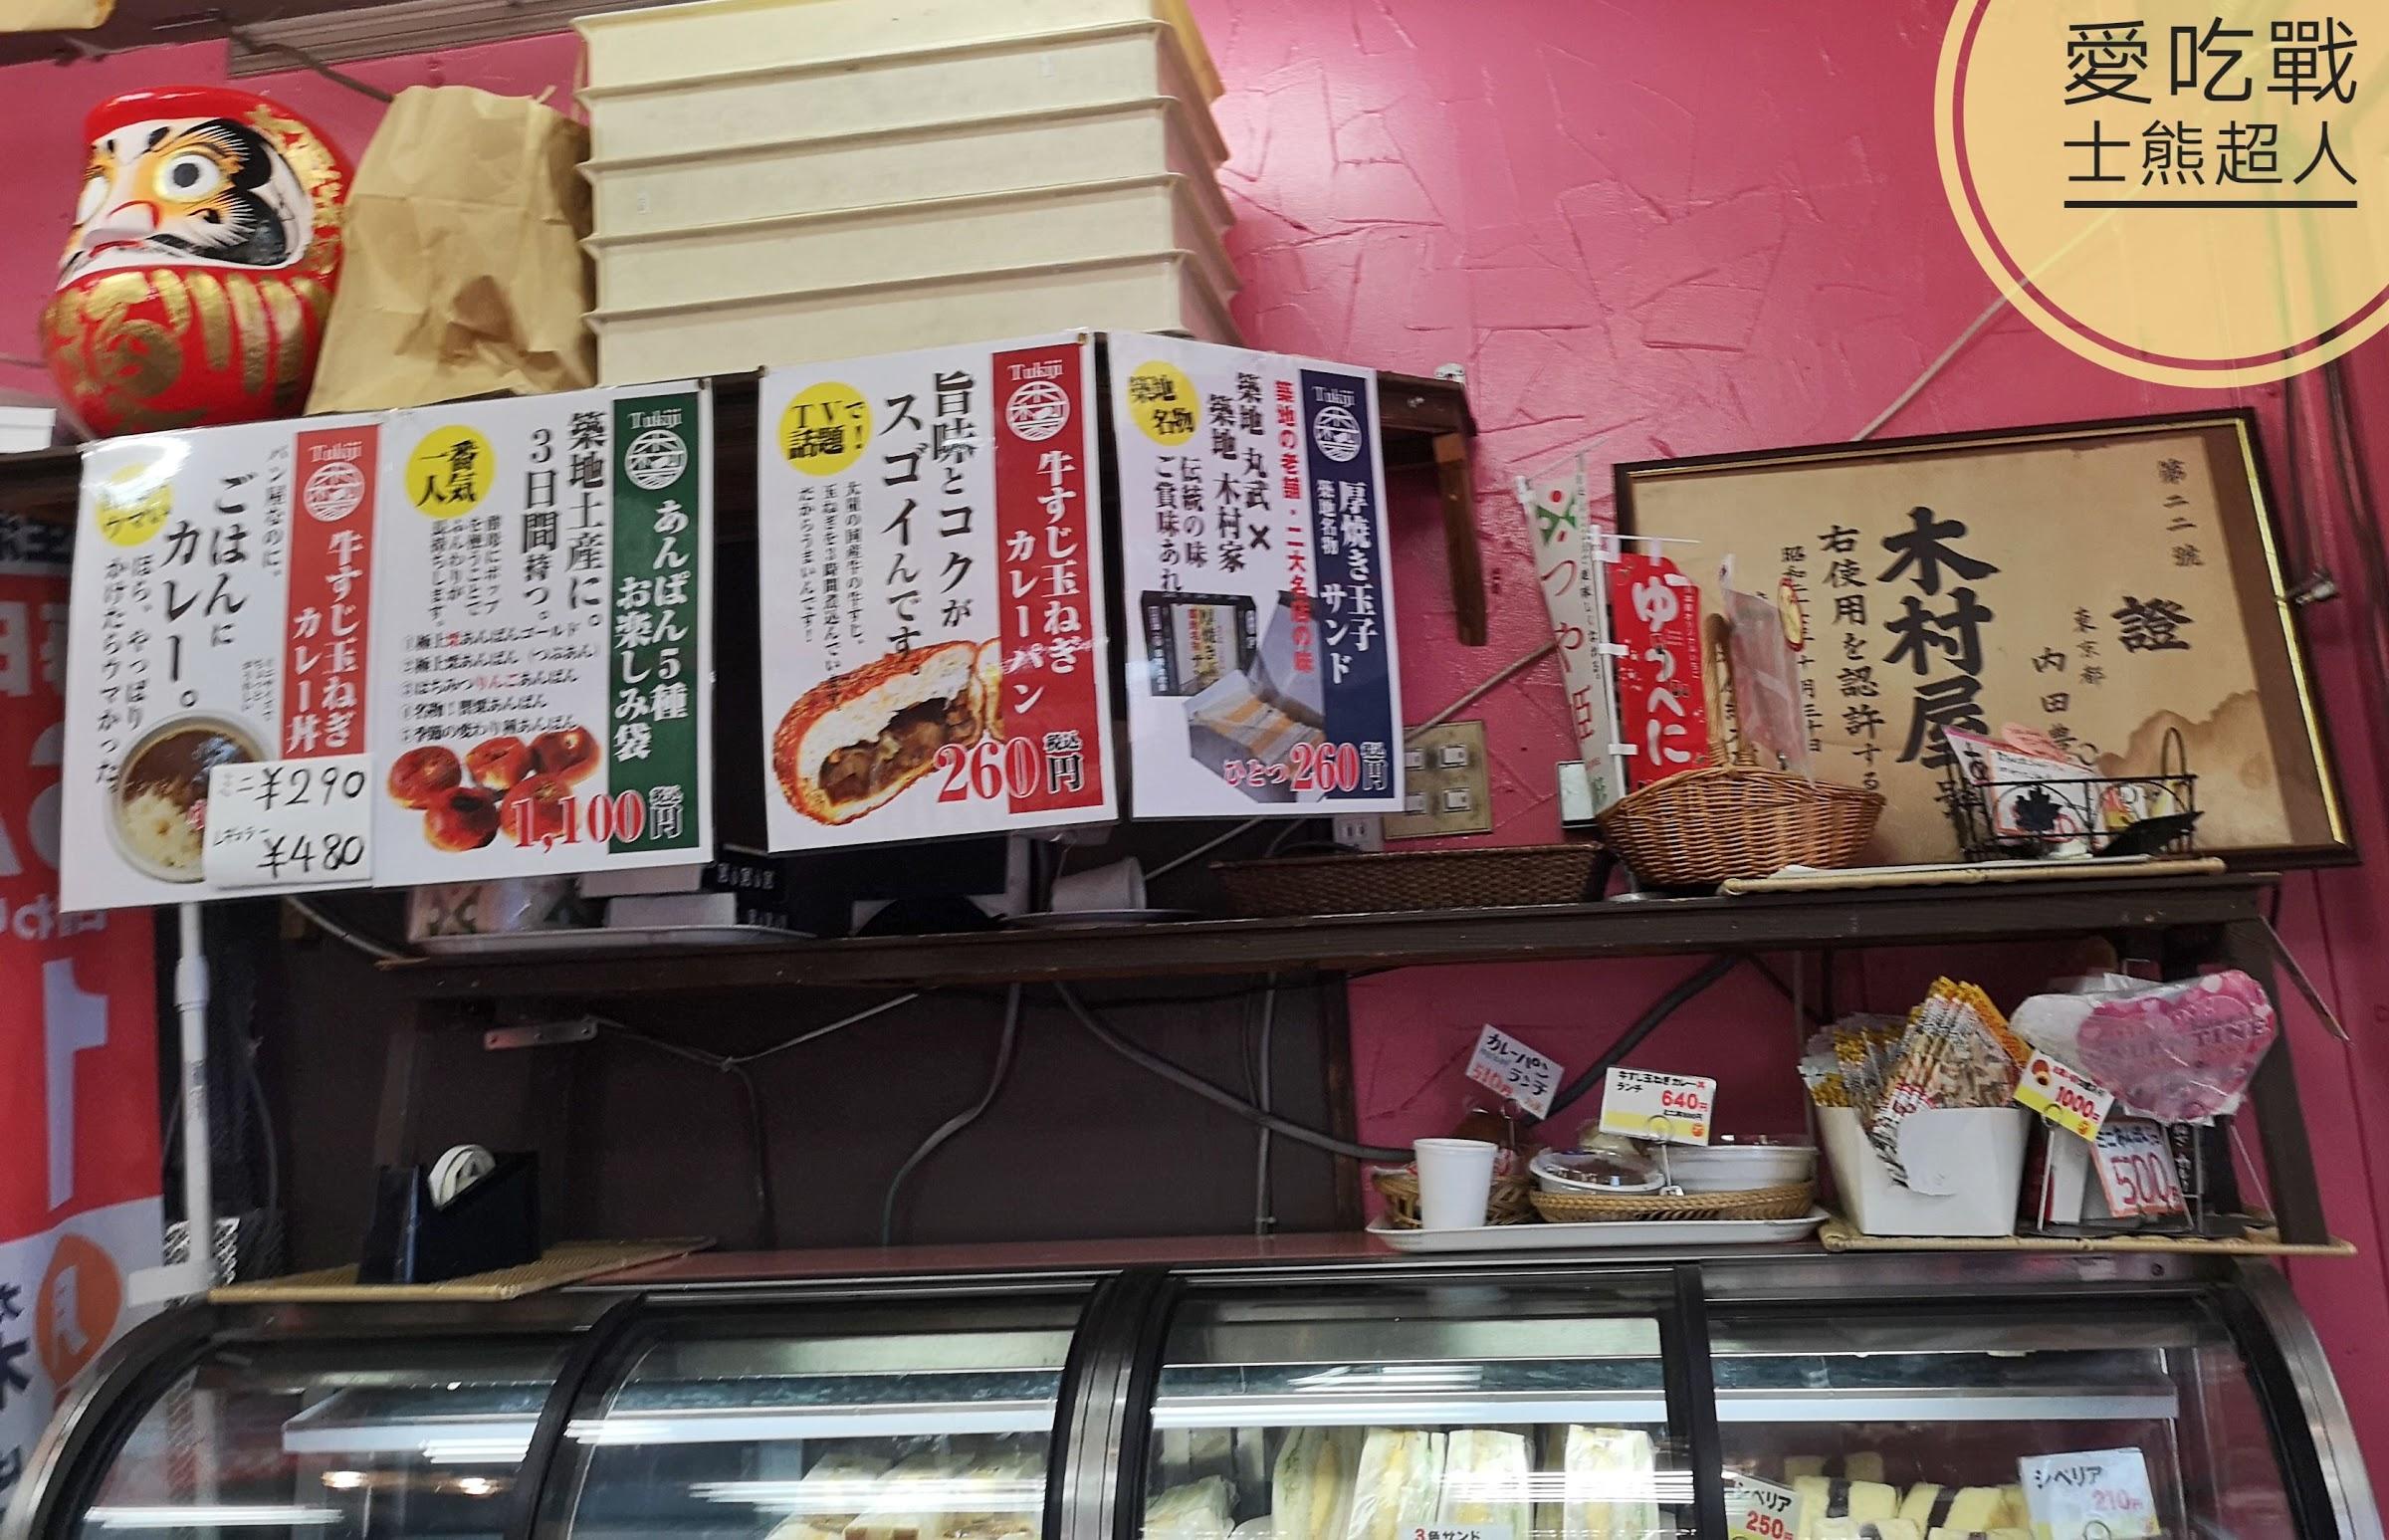 。東京 築地。築地木村家:在地人的私藏麵包店,超好吃的極上栗子麵包&牛筋咖裡麵包